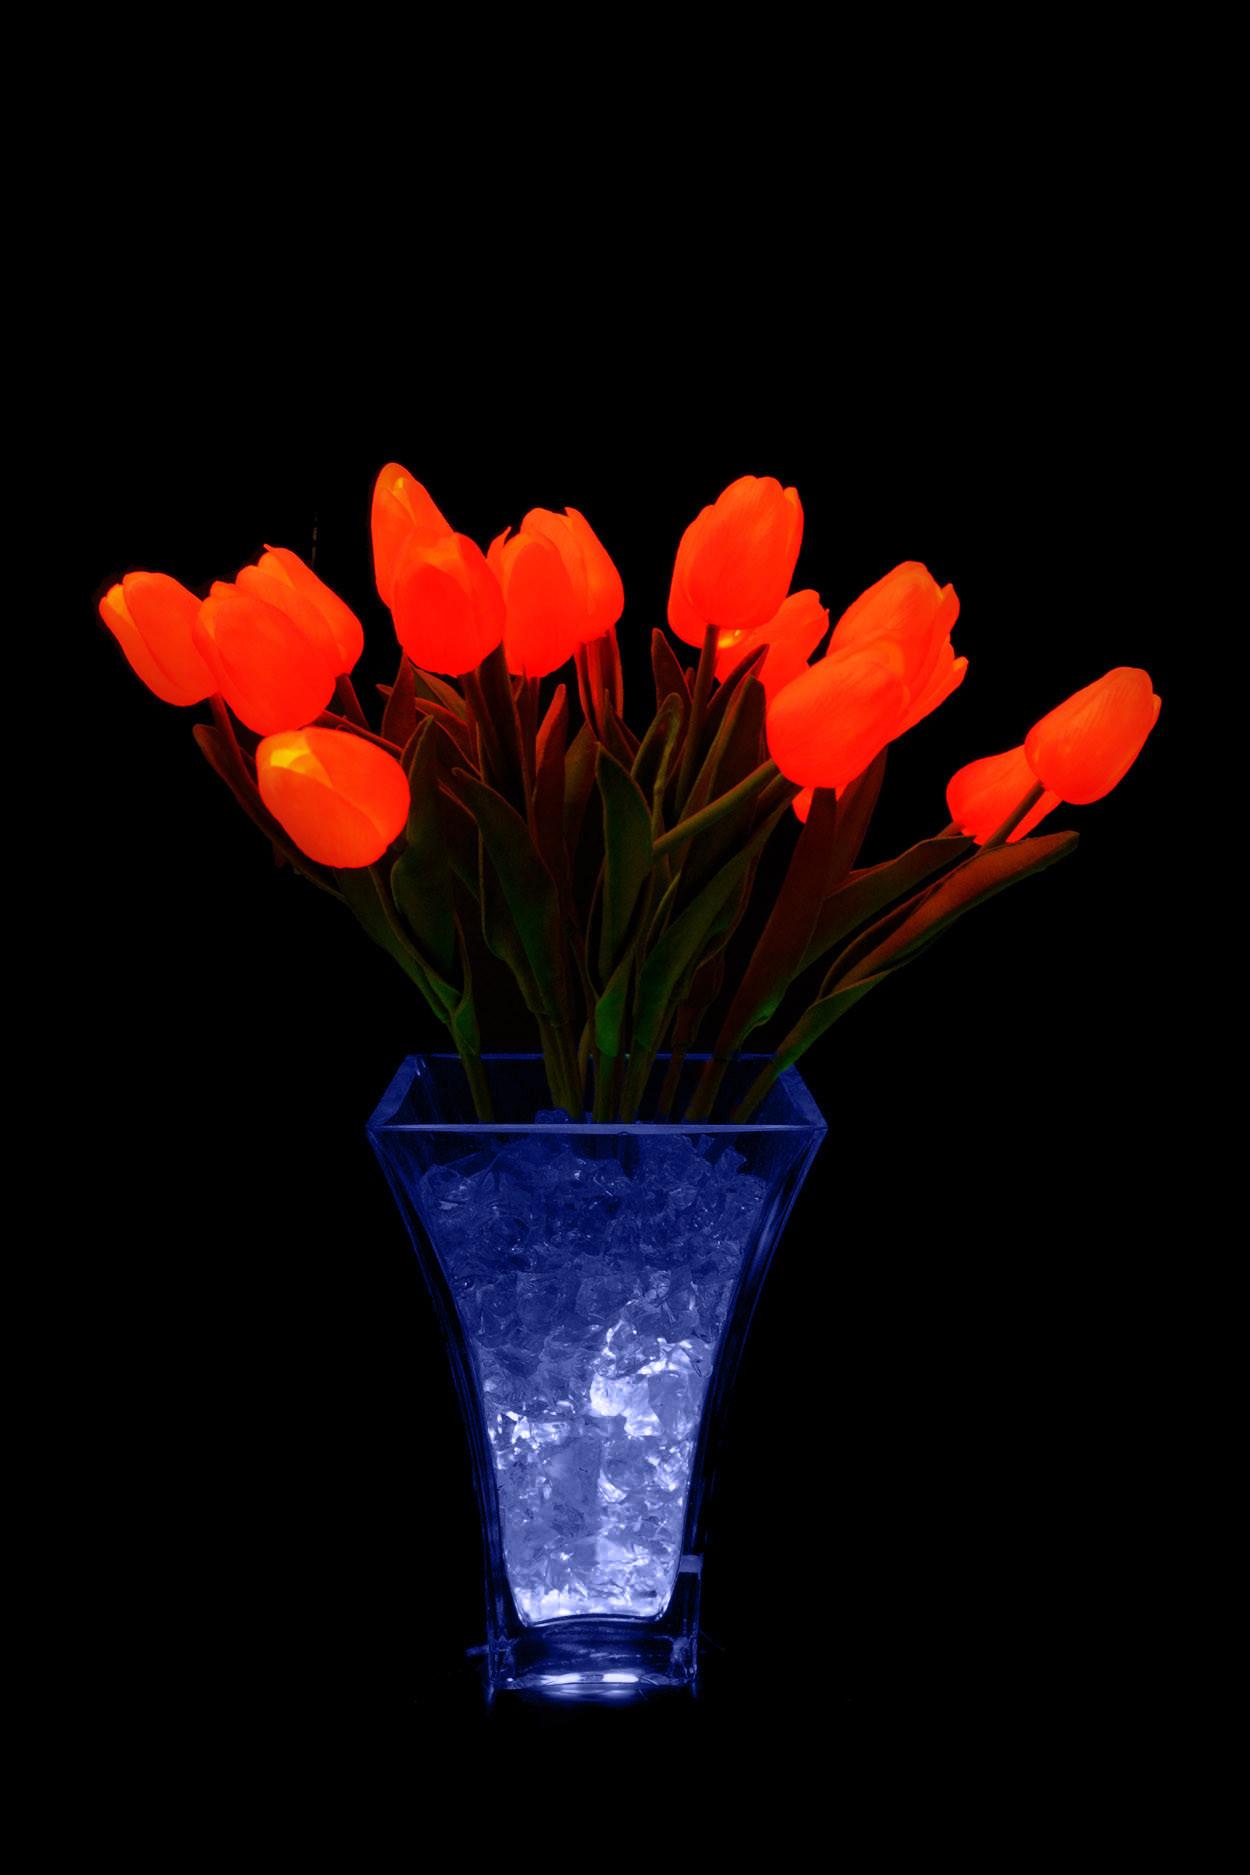 Светодиодные тюльпаны 21шт. красно-оранжевые (син)